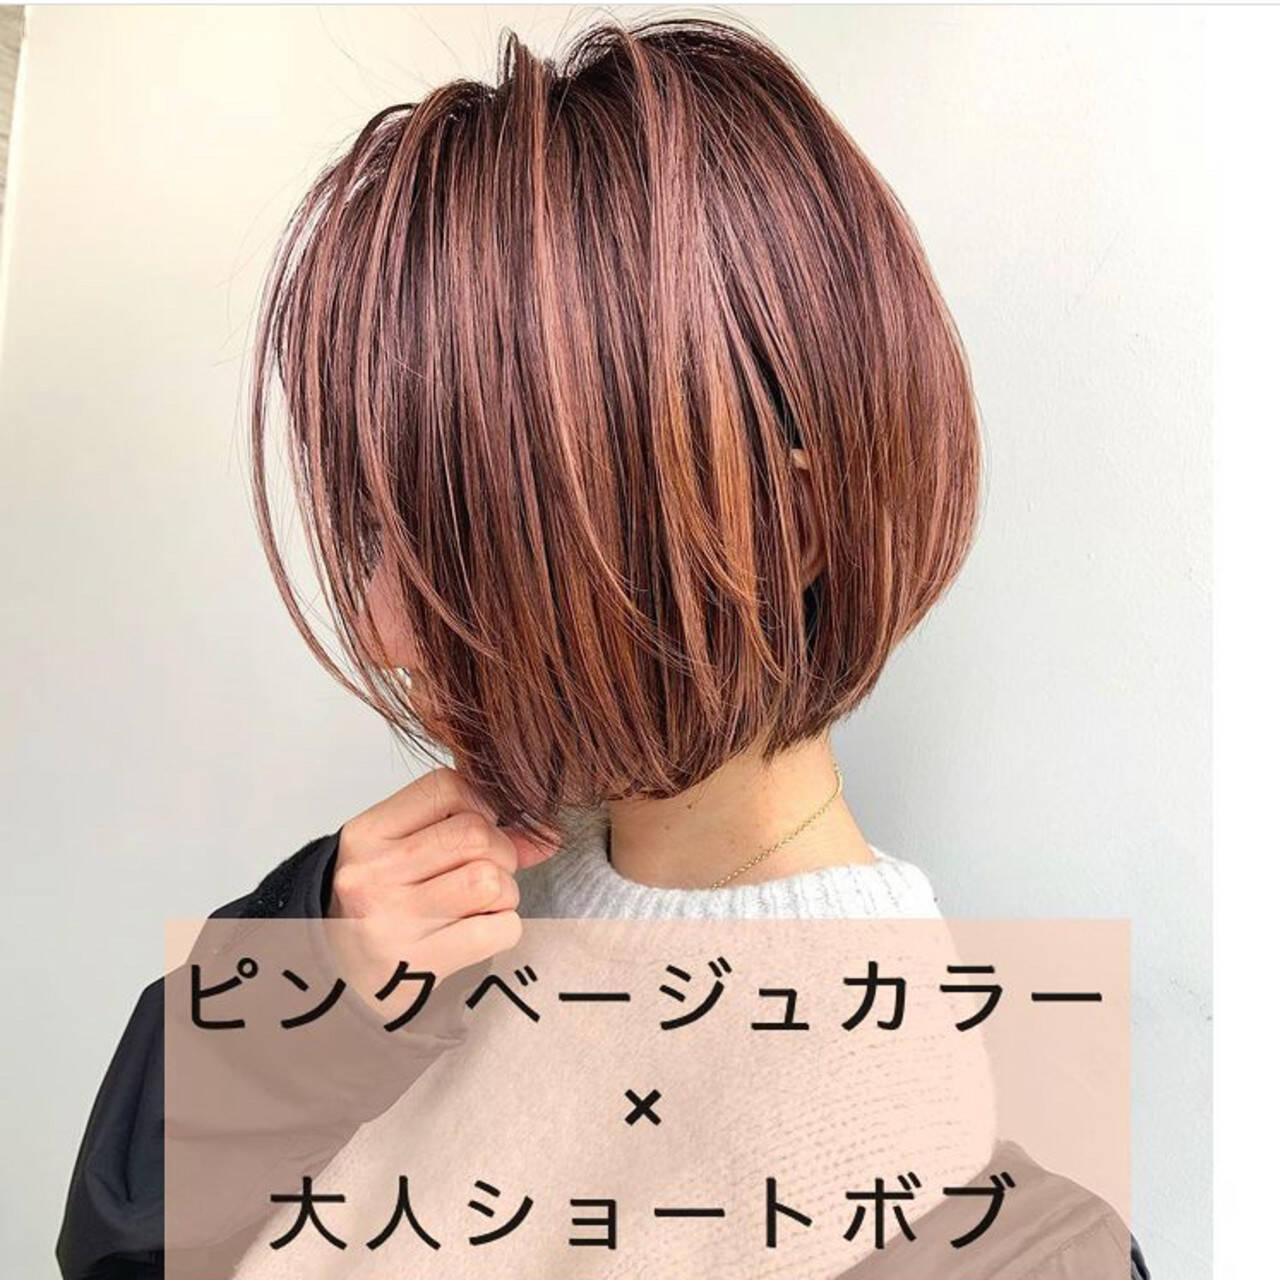 ボブ ナチュラル 大人ハイライト オーガニックカラーヘアスタイルや髪型の写真・画像